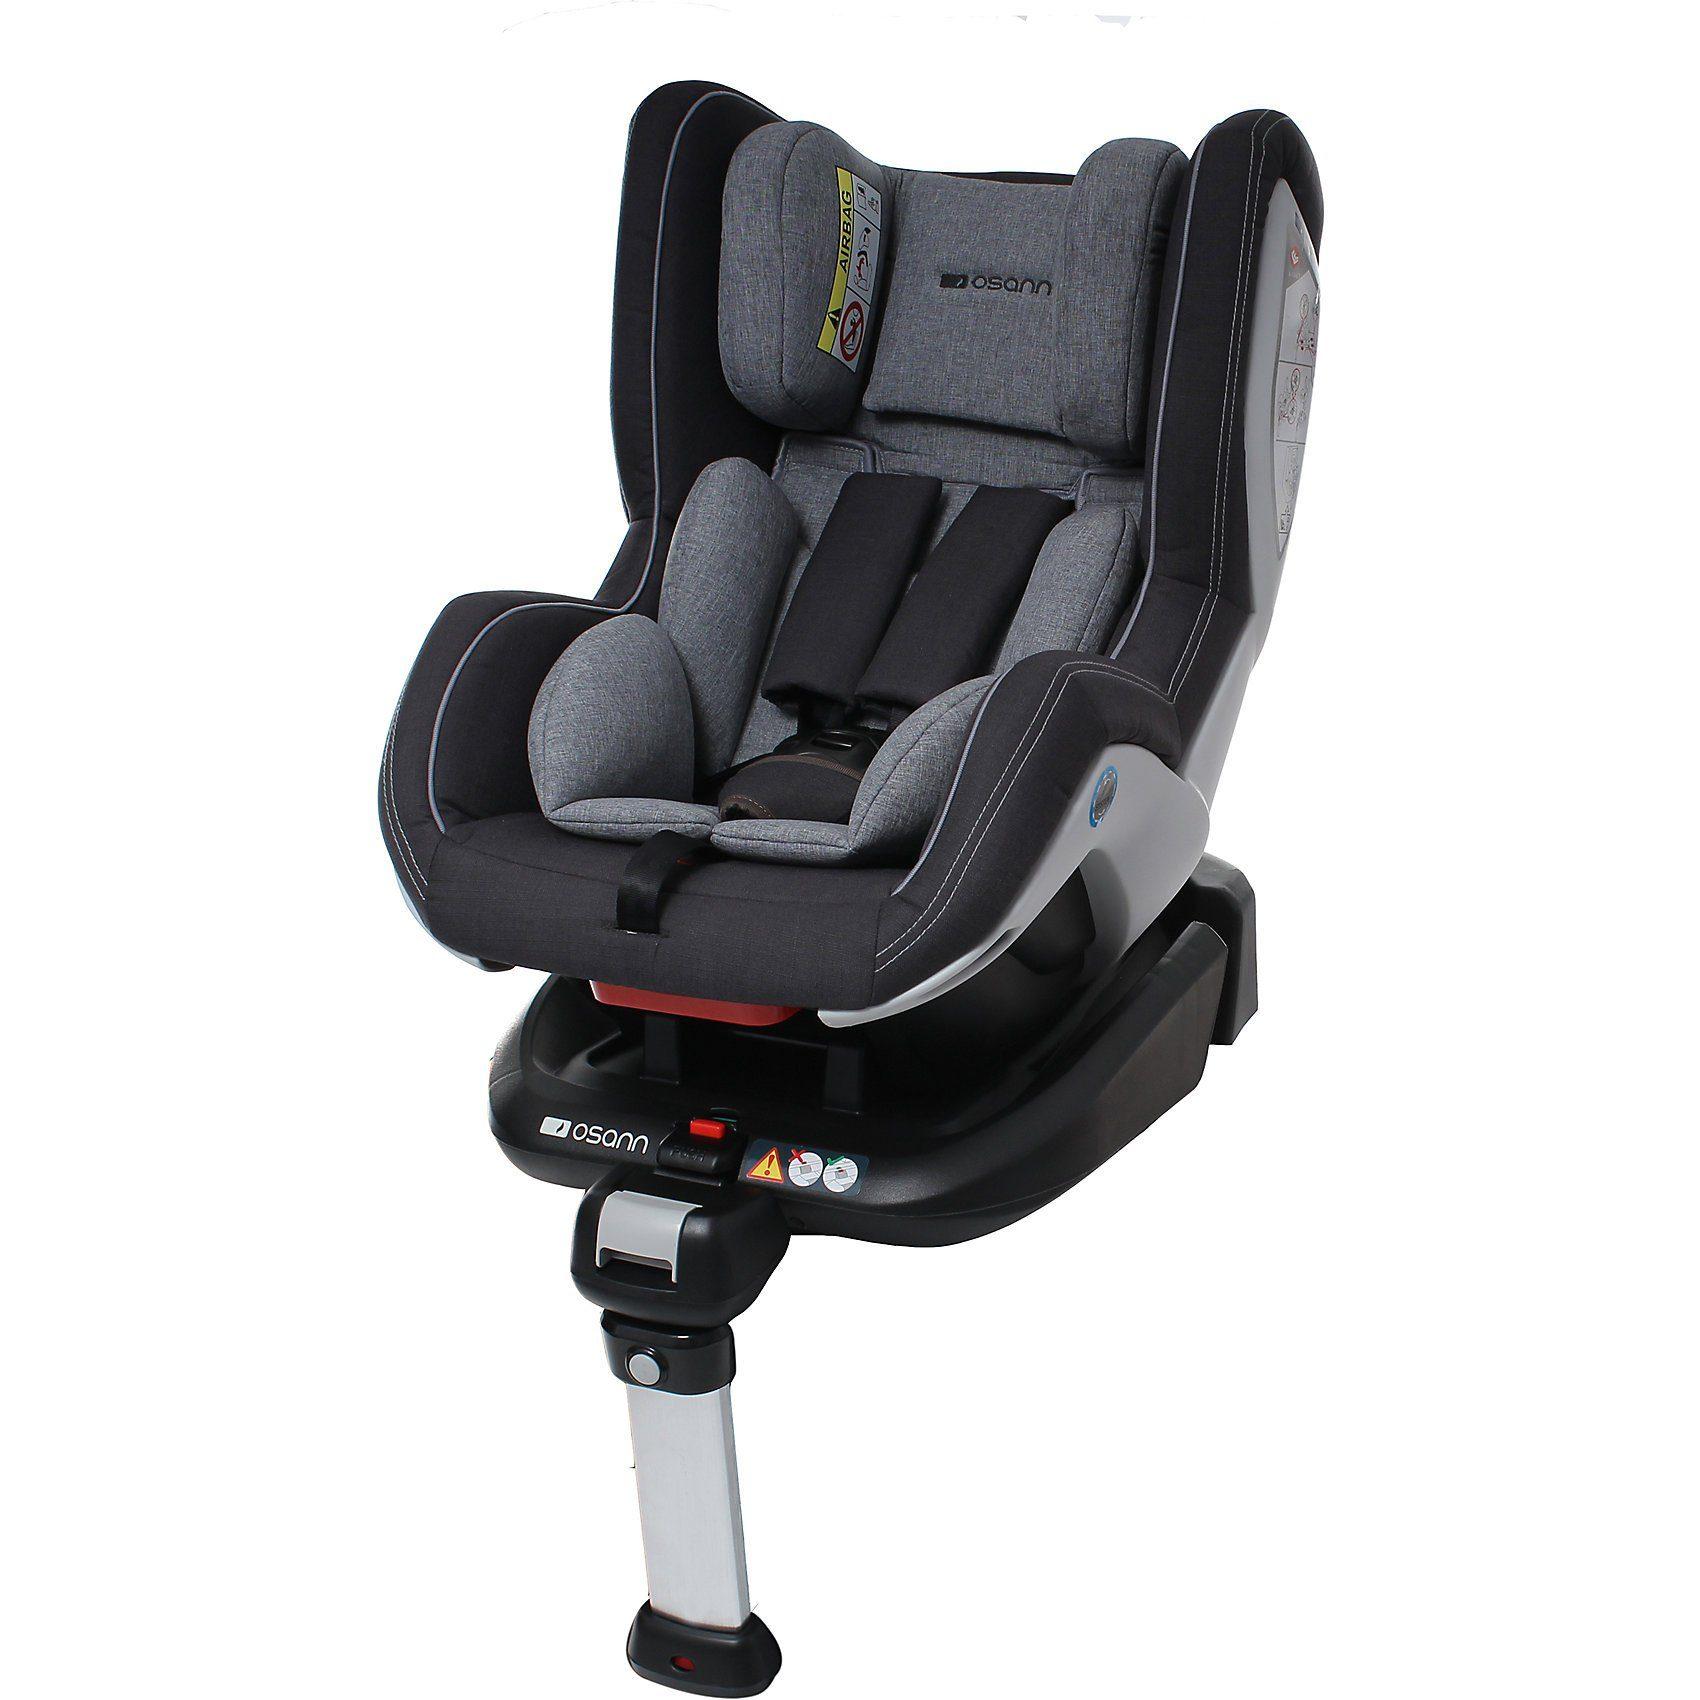 Osann Auto-Kindersitz FOX, Grey Melange, 2018